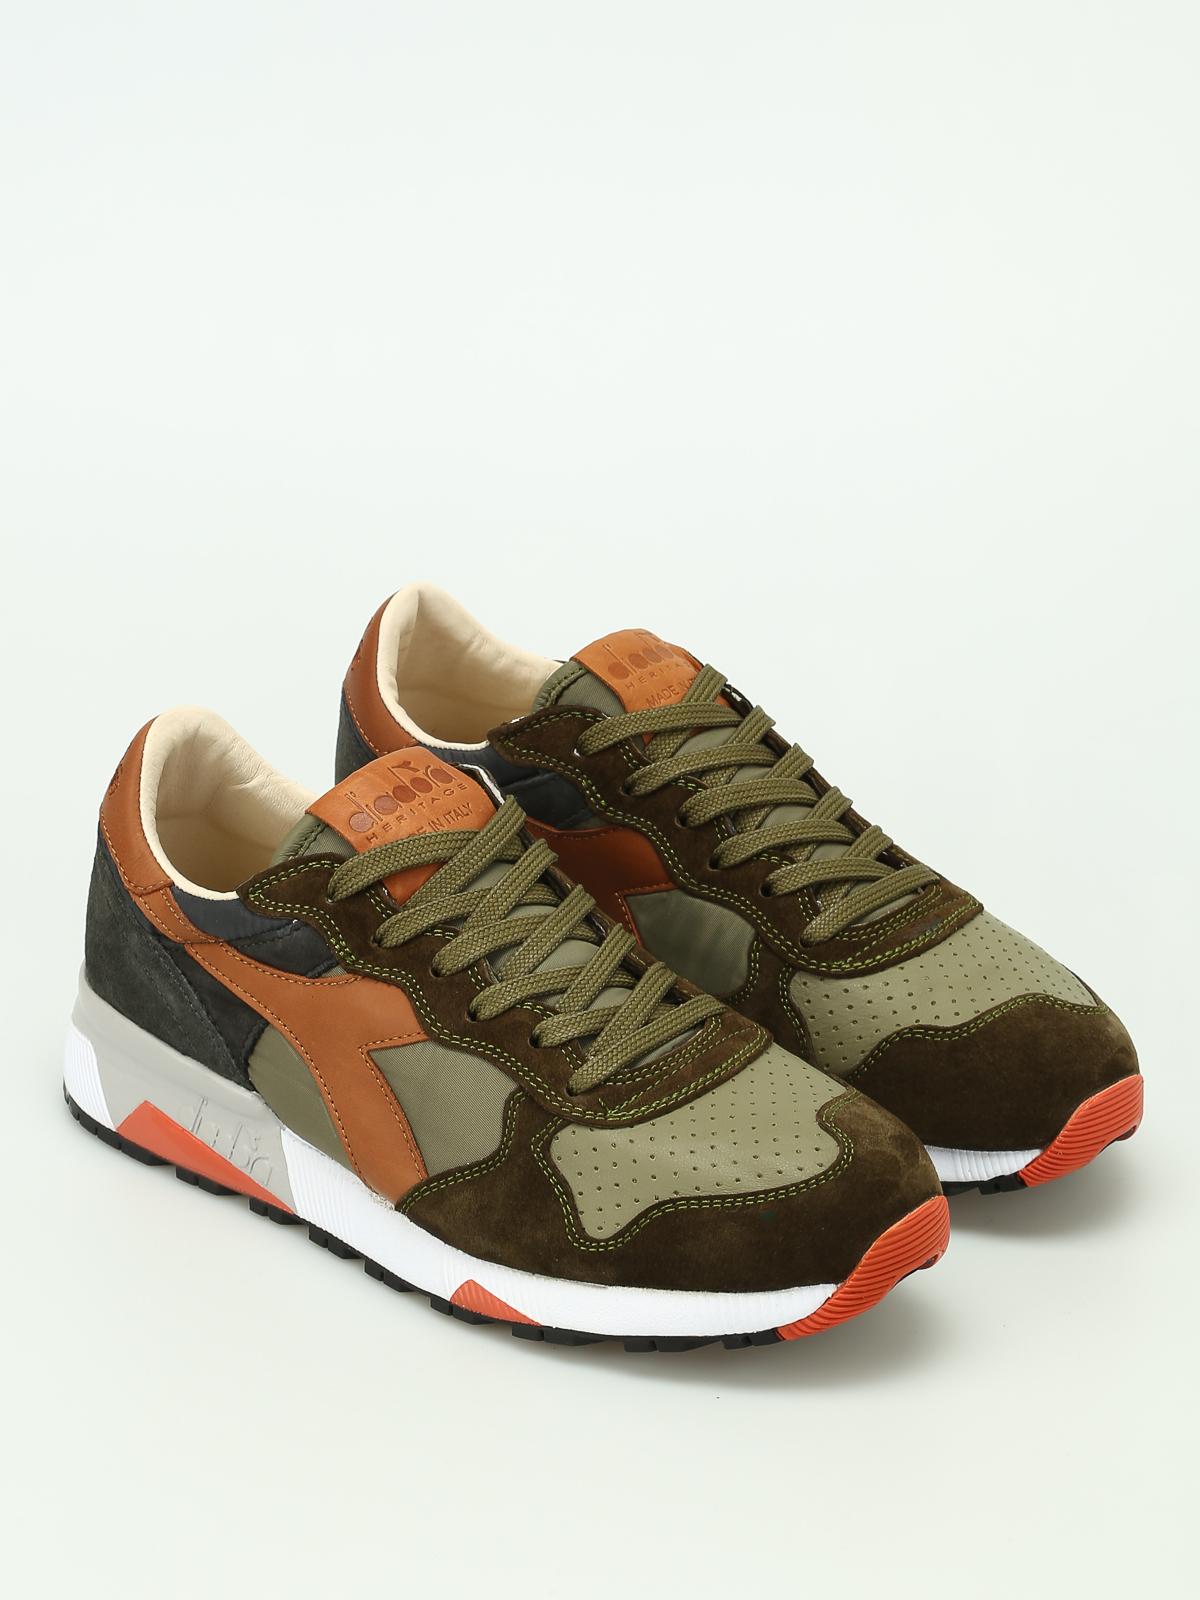 Diadora - Trident 90 Nyl sneakers